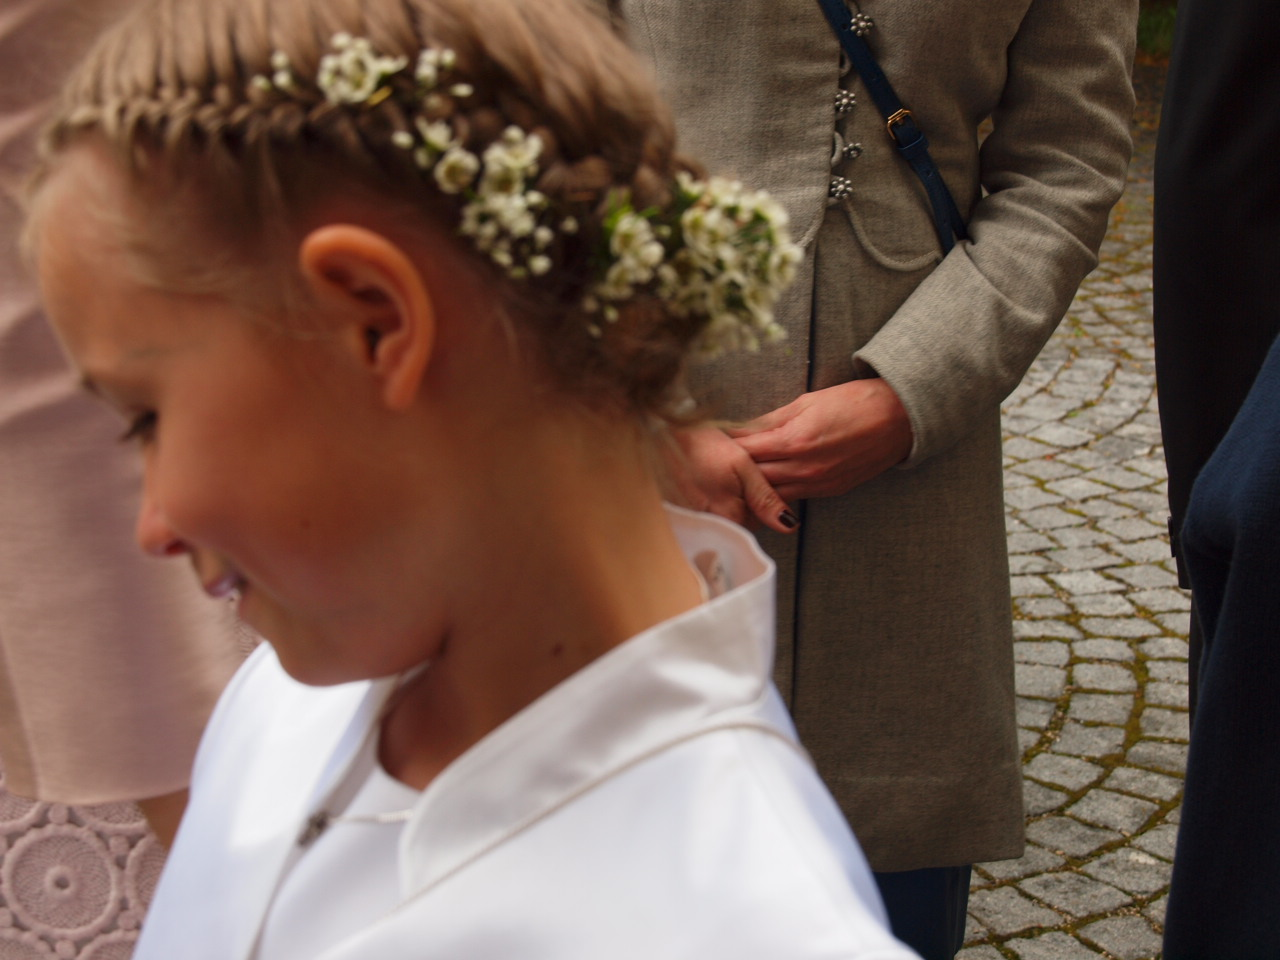 Frisuren Erstkommunion Haare Wachsen Schneller